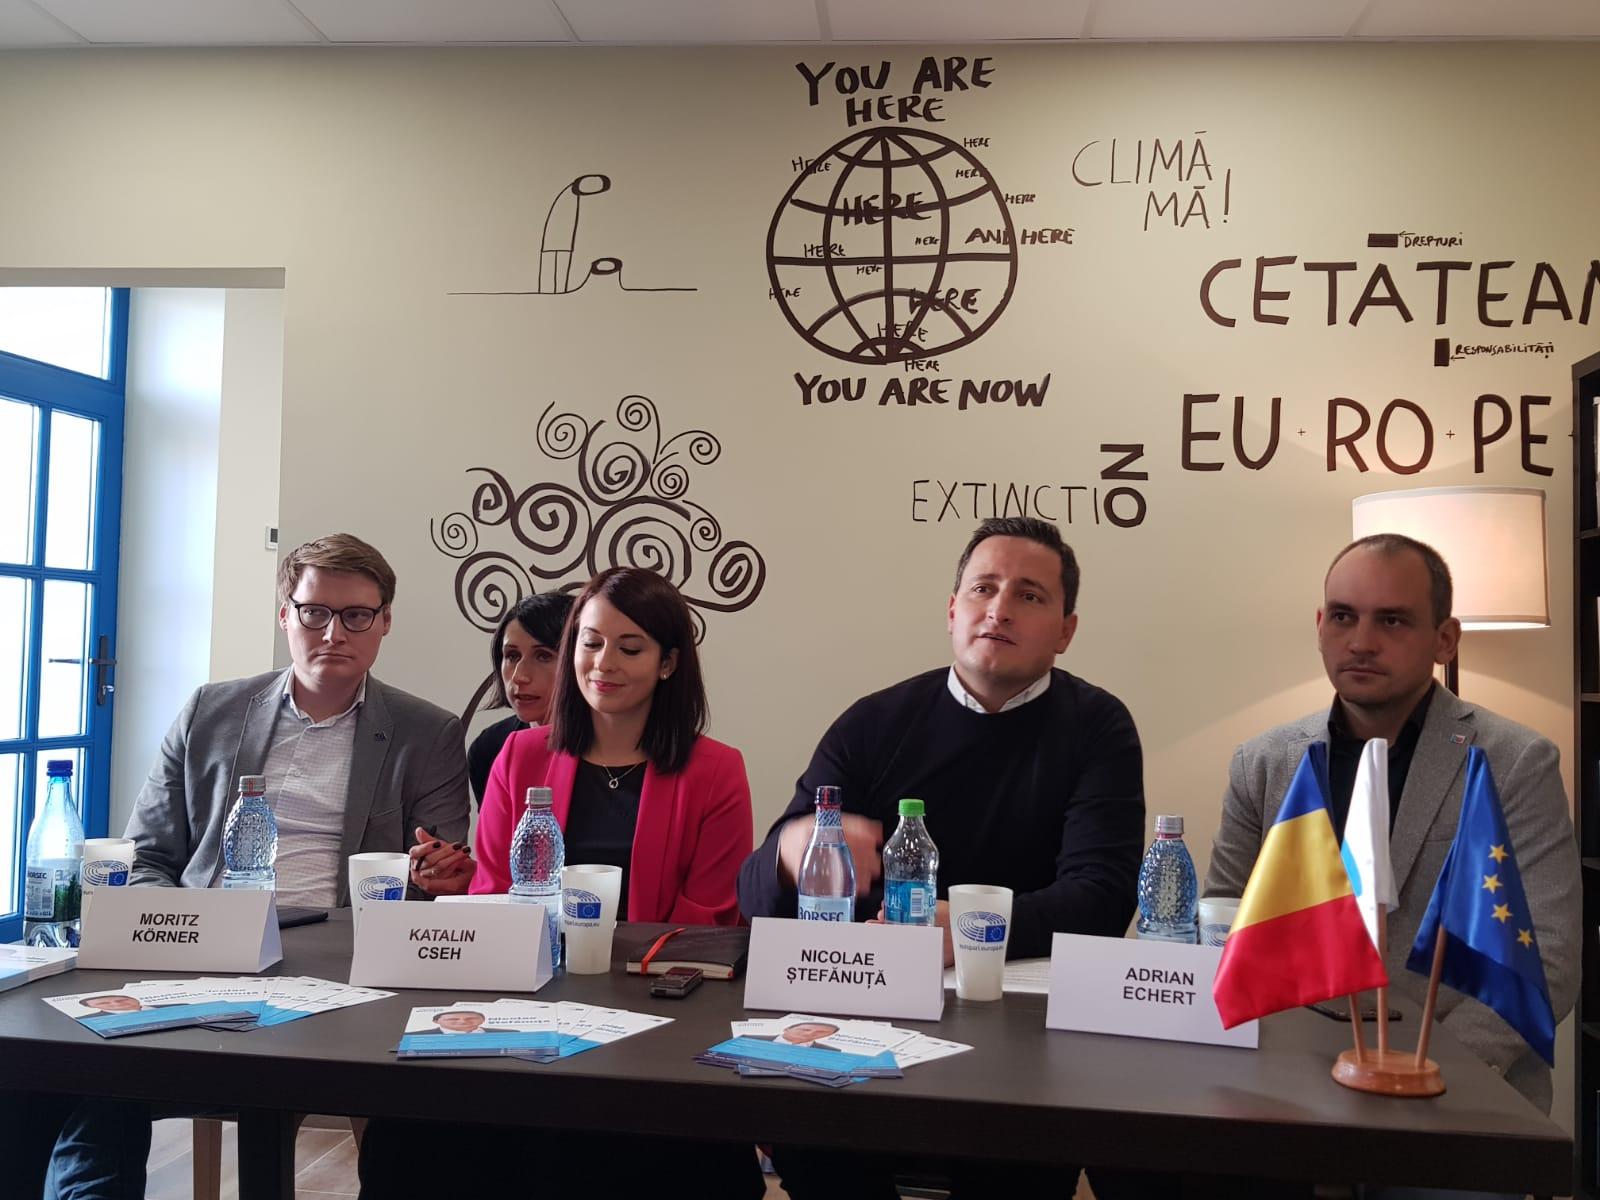 Nicu Ștefănuță și-a deschis  birou europarlamentar la Sibiu pe strada Turnului